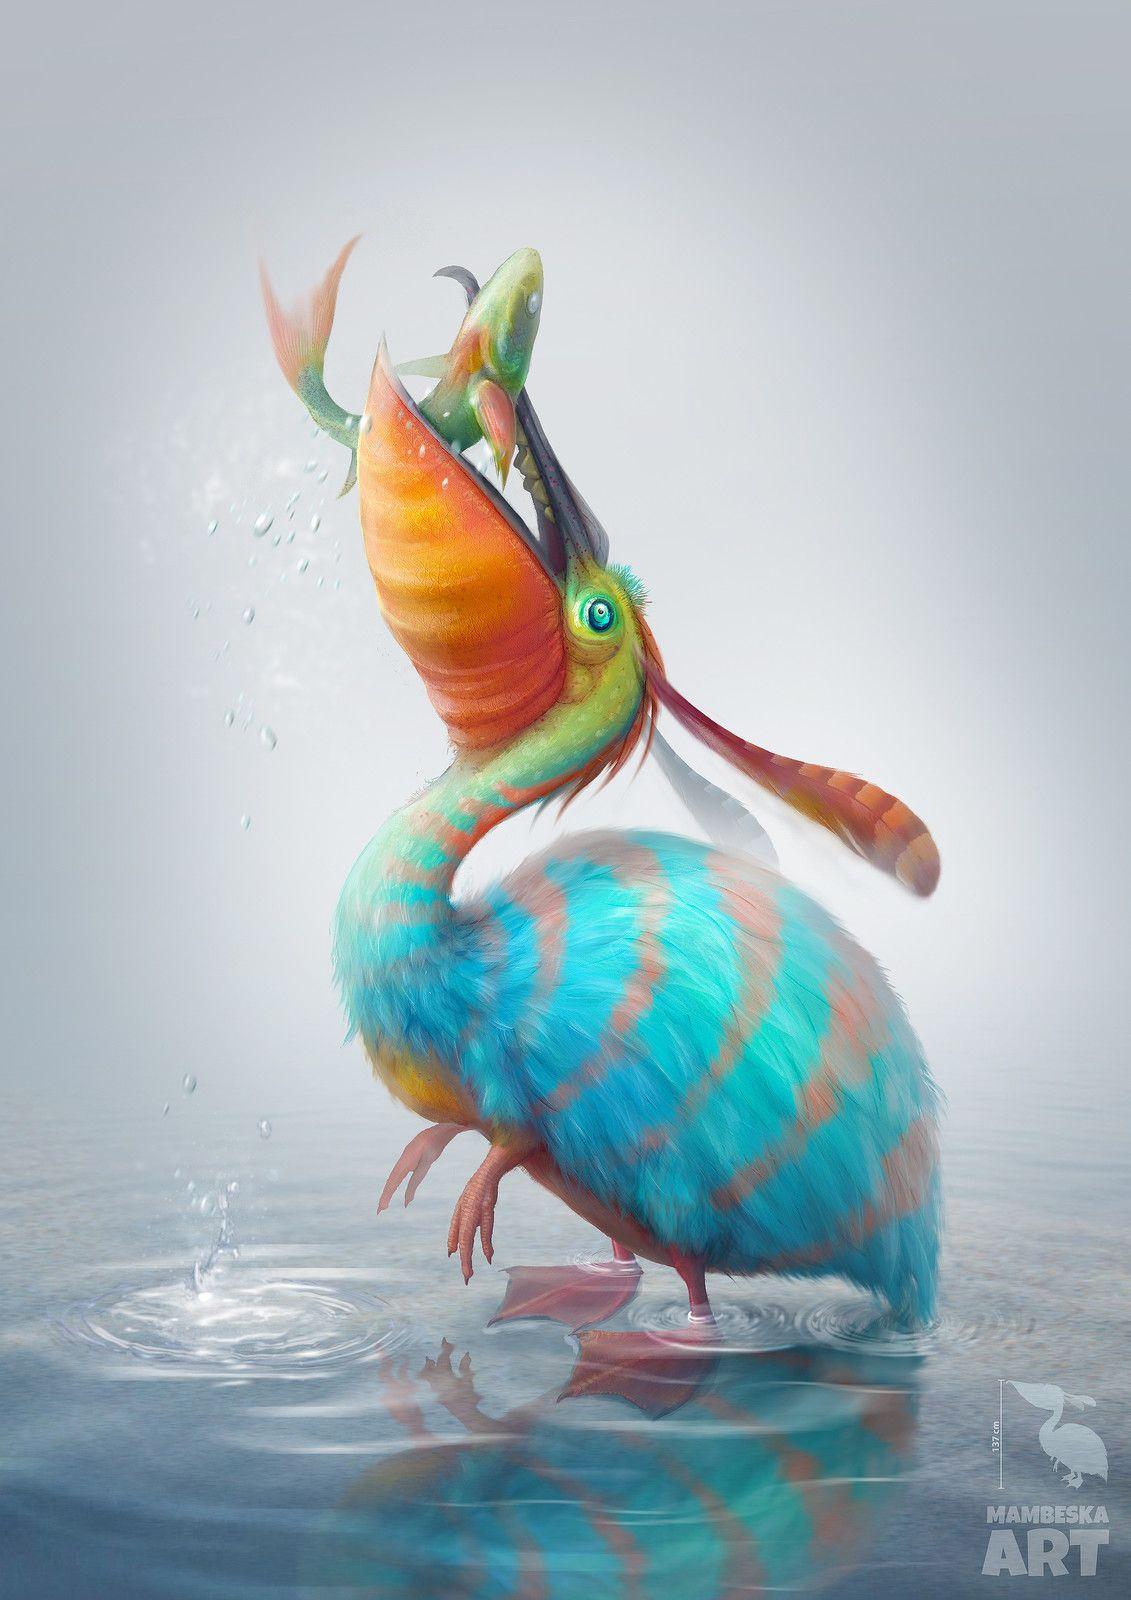 Concept predator bird, Julia Molchanova on ArtStation at